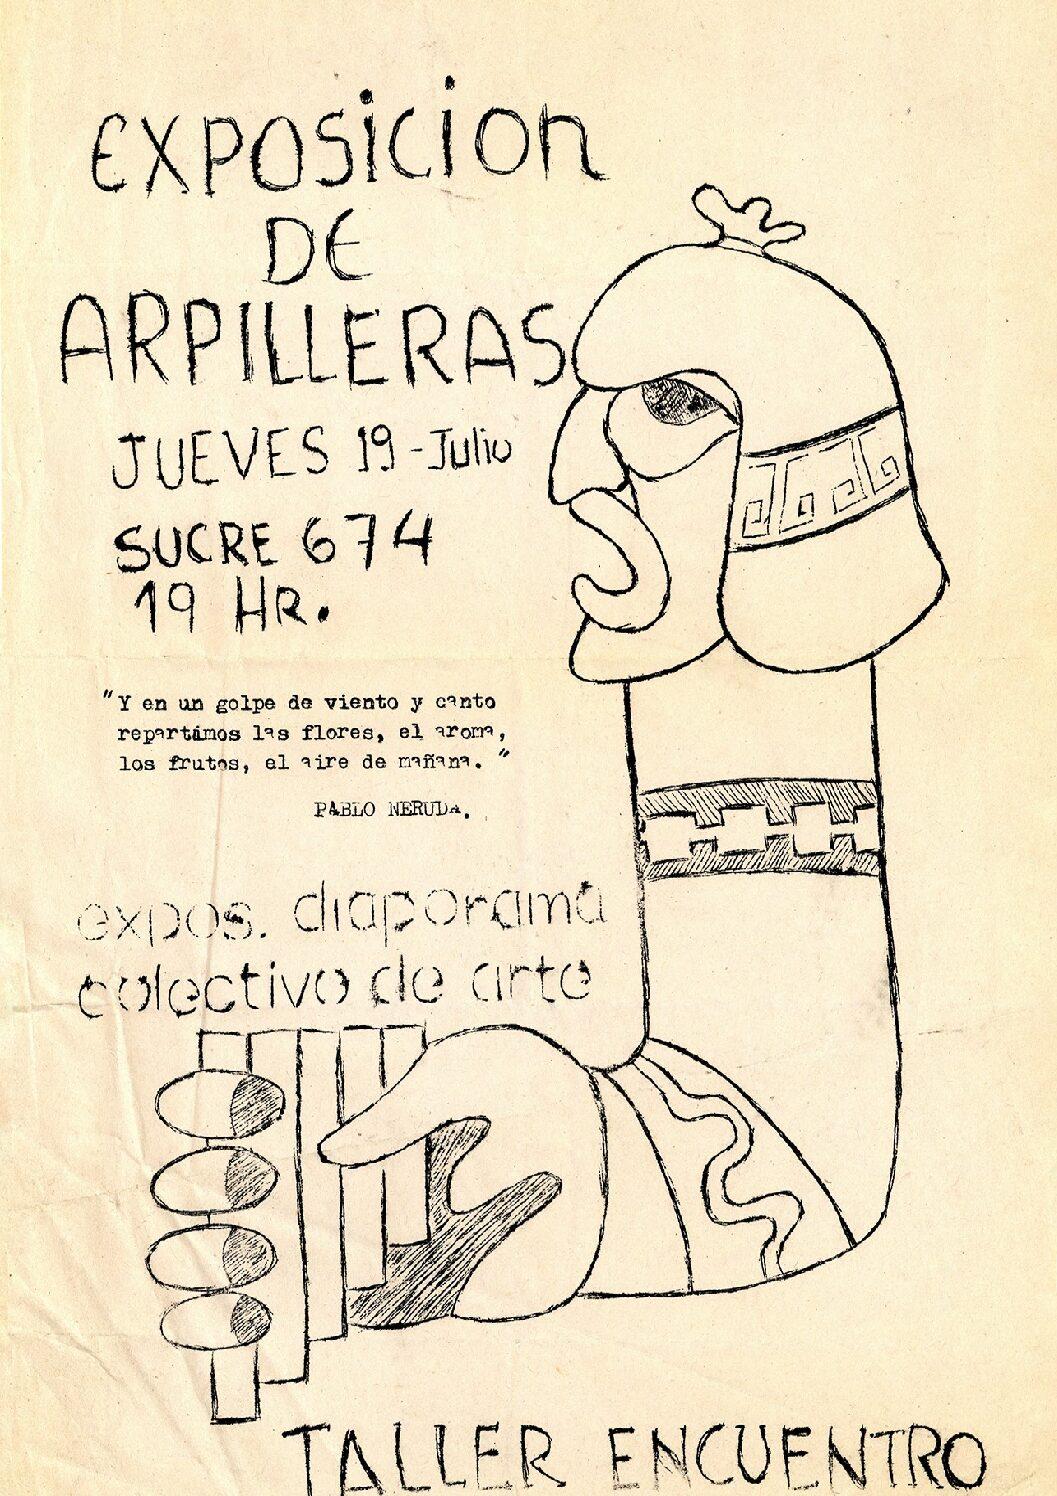 Exposición de Arpilleras